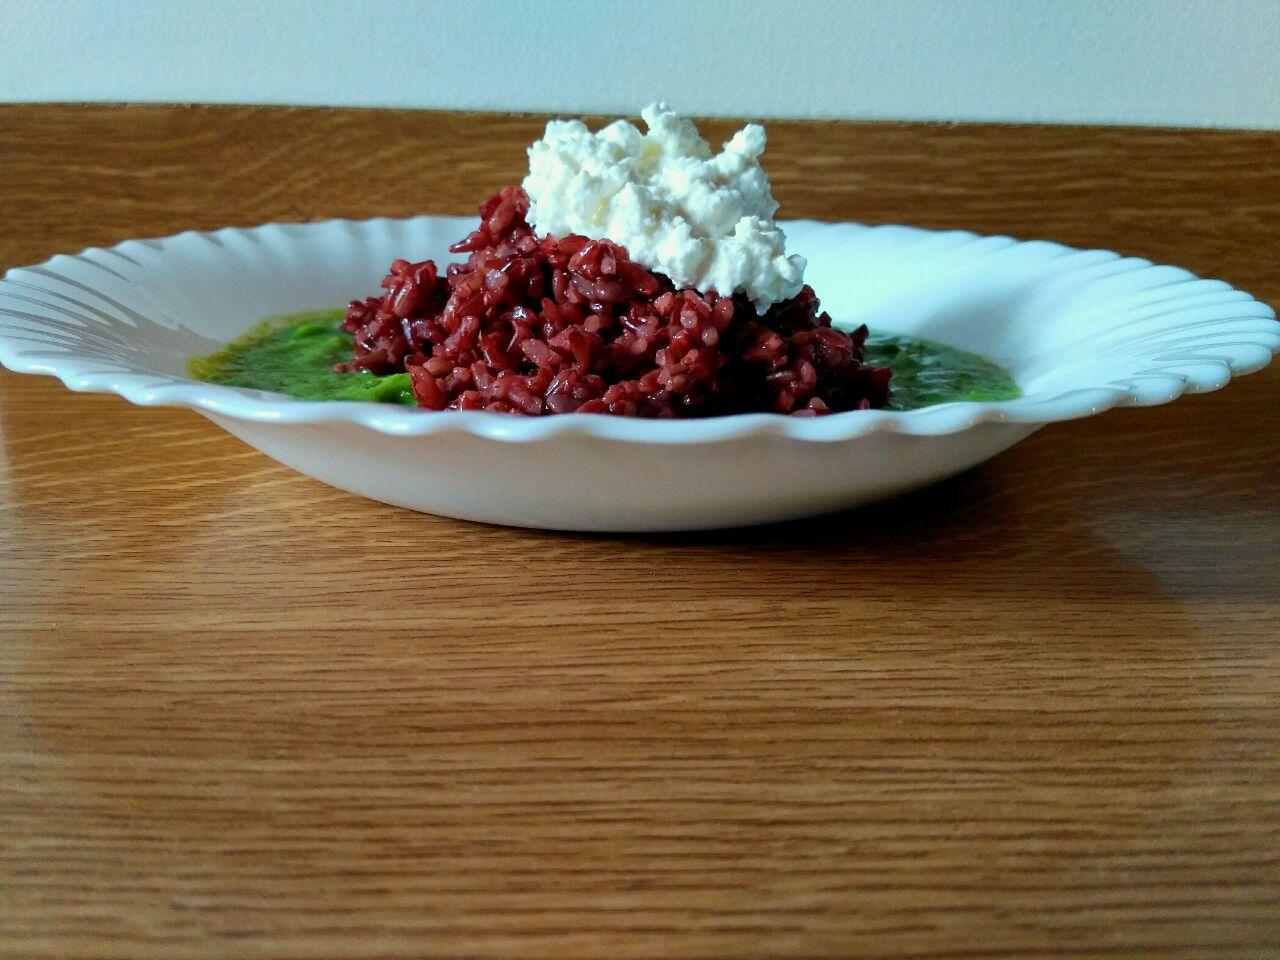 Piatto unico gluten free: riso rosso integrale, piselli verdi e fiocchi di latte!